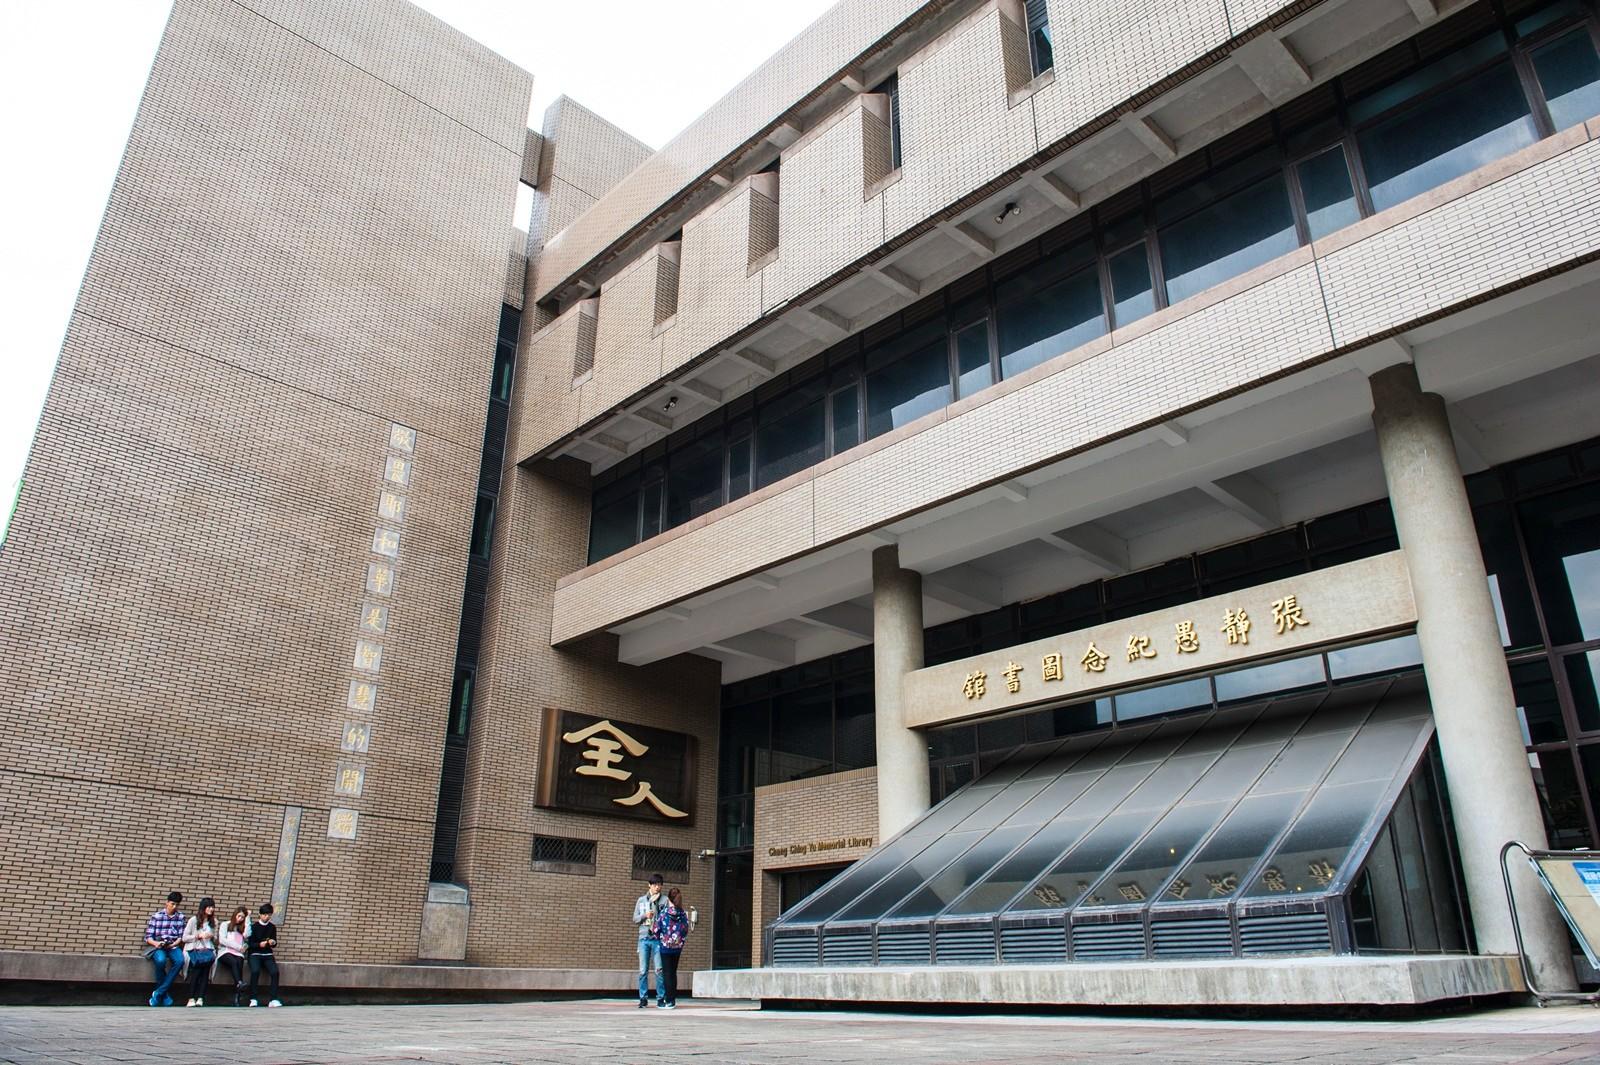 中原大學張靜愚紀念圖書館是王秋華建築師第一座圖書館作品,為台灣建築界開啟圖書館設計的新視野。.jpg